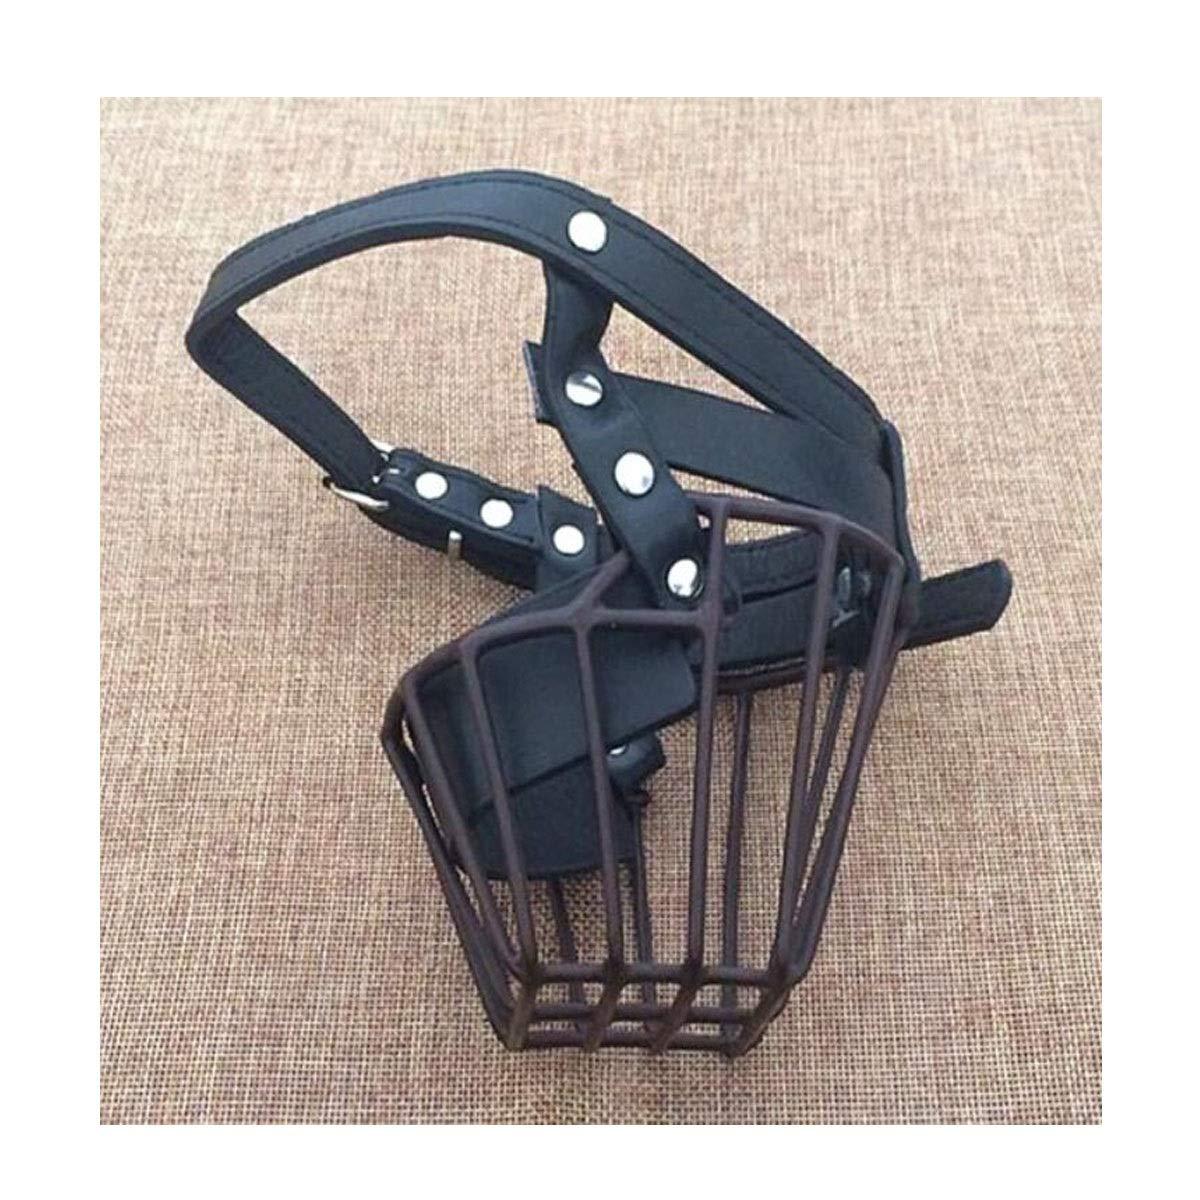 Black XL Black XL Dog Mouth Cover, Anti-bite, Anti-Ingestion Dog Mask, Large Dog Leather Iron Mouth Cover, Black XL (color   Black, Size   XL)